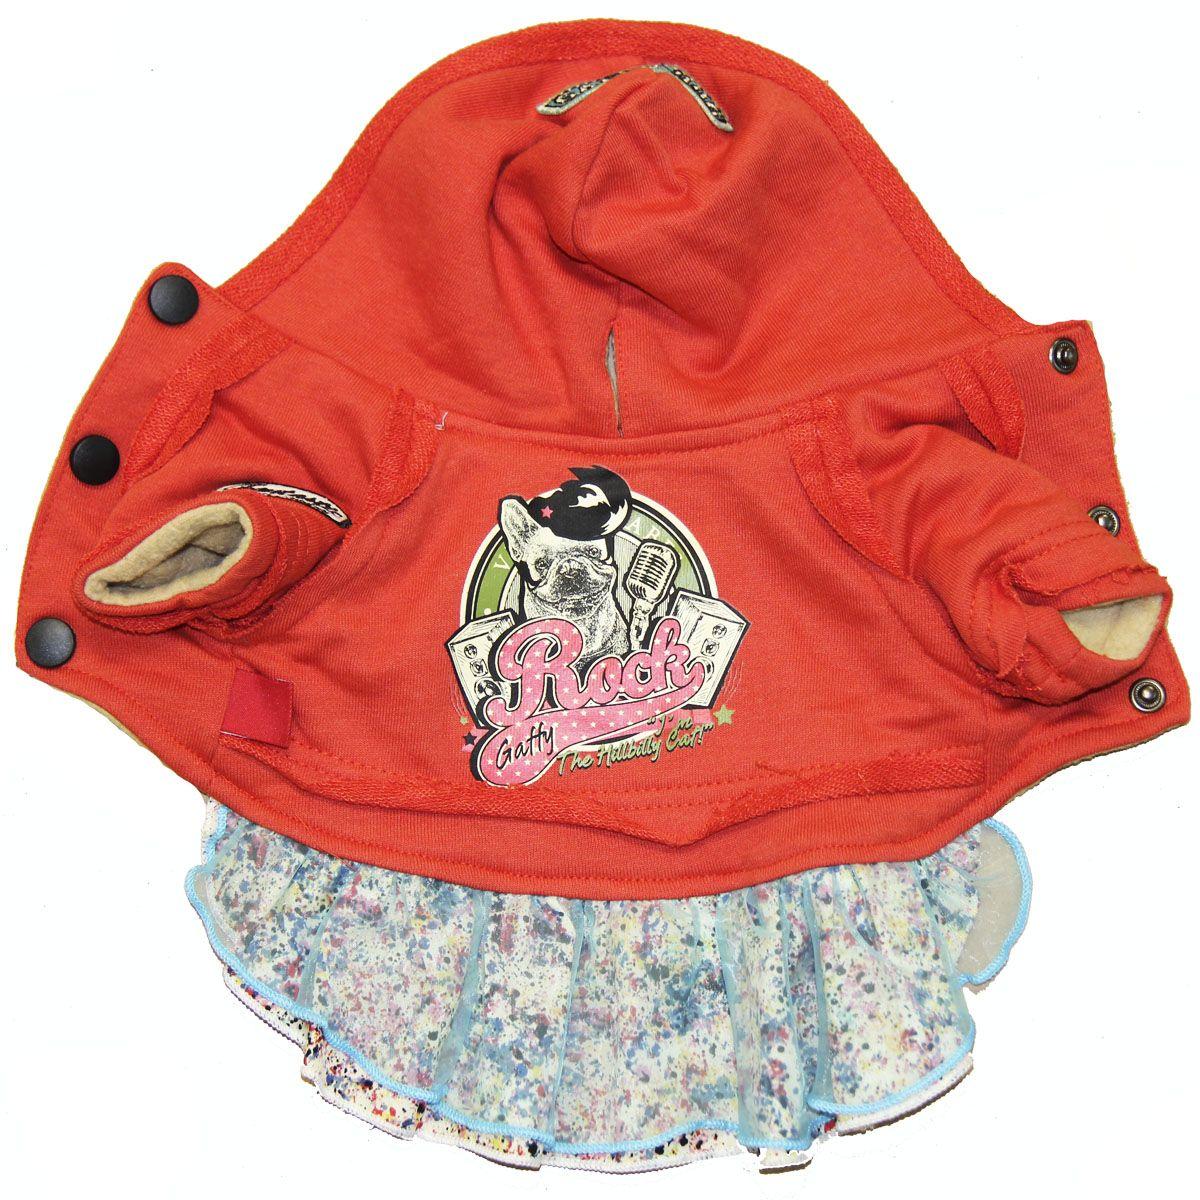 Костюм для собак Gaffy Pet Rock Baby. Размер L11004 LКостюм Rock Baby для модных собачек.Актуальный спортивный шик. Модная толстовка и романтичная юбка - тренд в мире моды.Нежная юбка из хлопка и органзы и толстовка в стиле рок. Мы стараемся тщательно продумать каждую мелочь. Цельный костюм состоит из 2х частей: оранжевая толстовка и юбка с ярким принтом.Фиксируется на животе кнопками. Материал кнопок: металл.Обхват шеи, см: 30.Обхват груди, см: 50.Длина спины, см: 34.